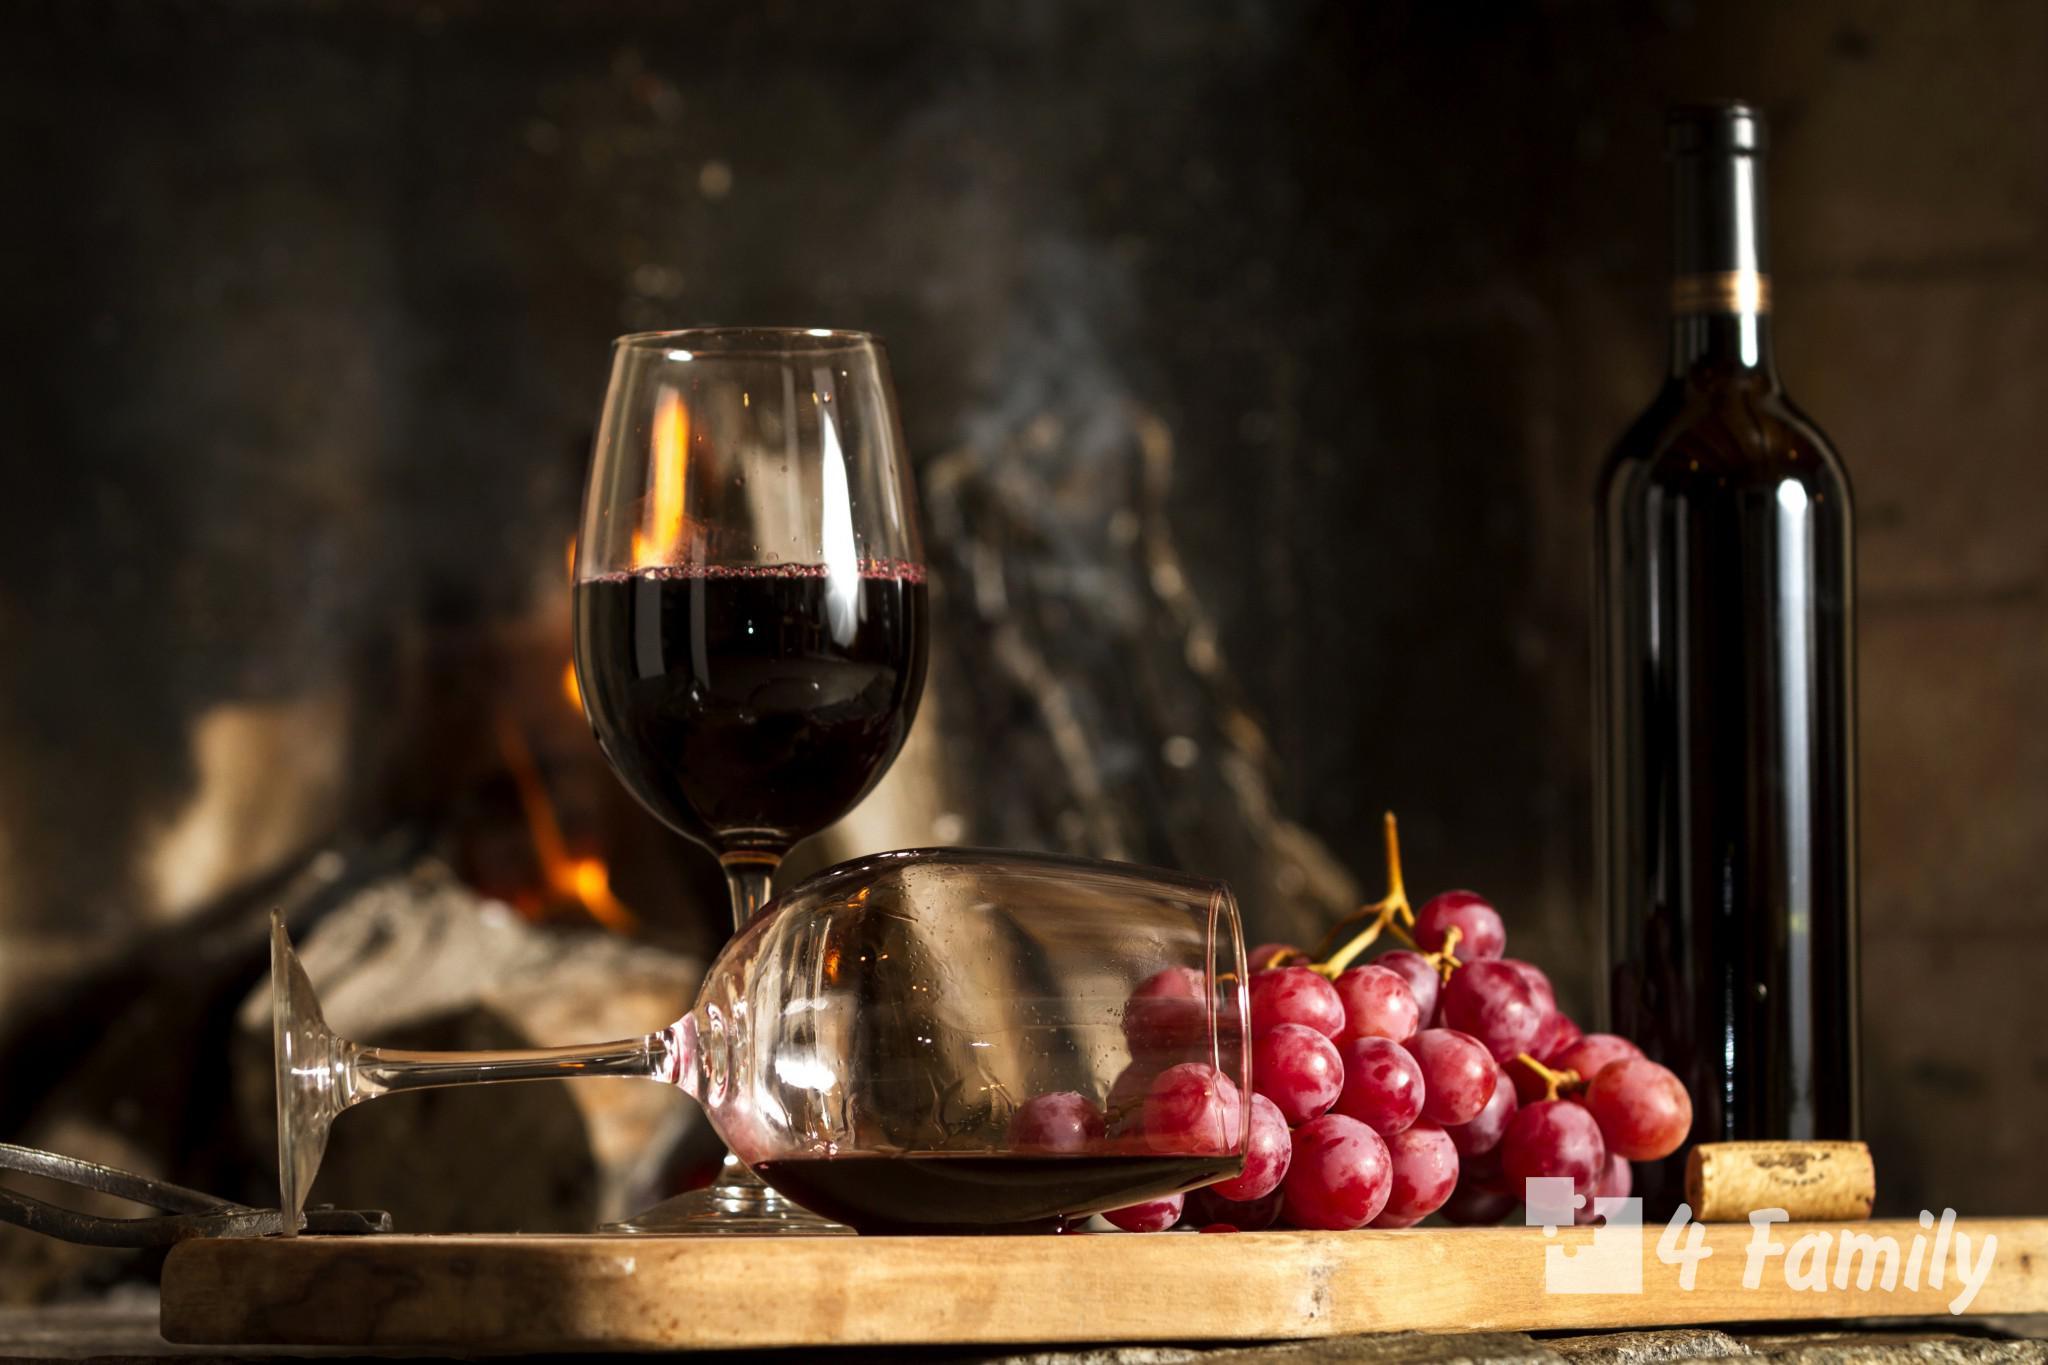 4fAmily Как выбирать итальянское вино